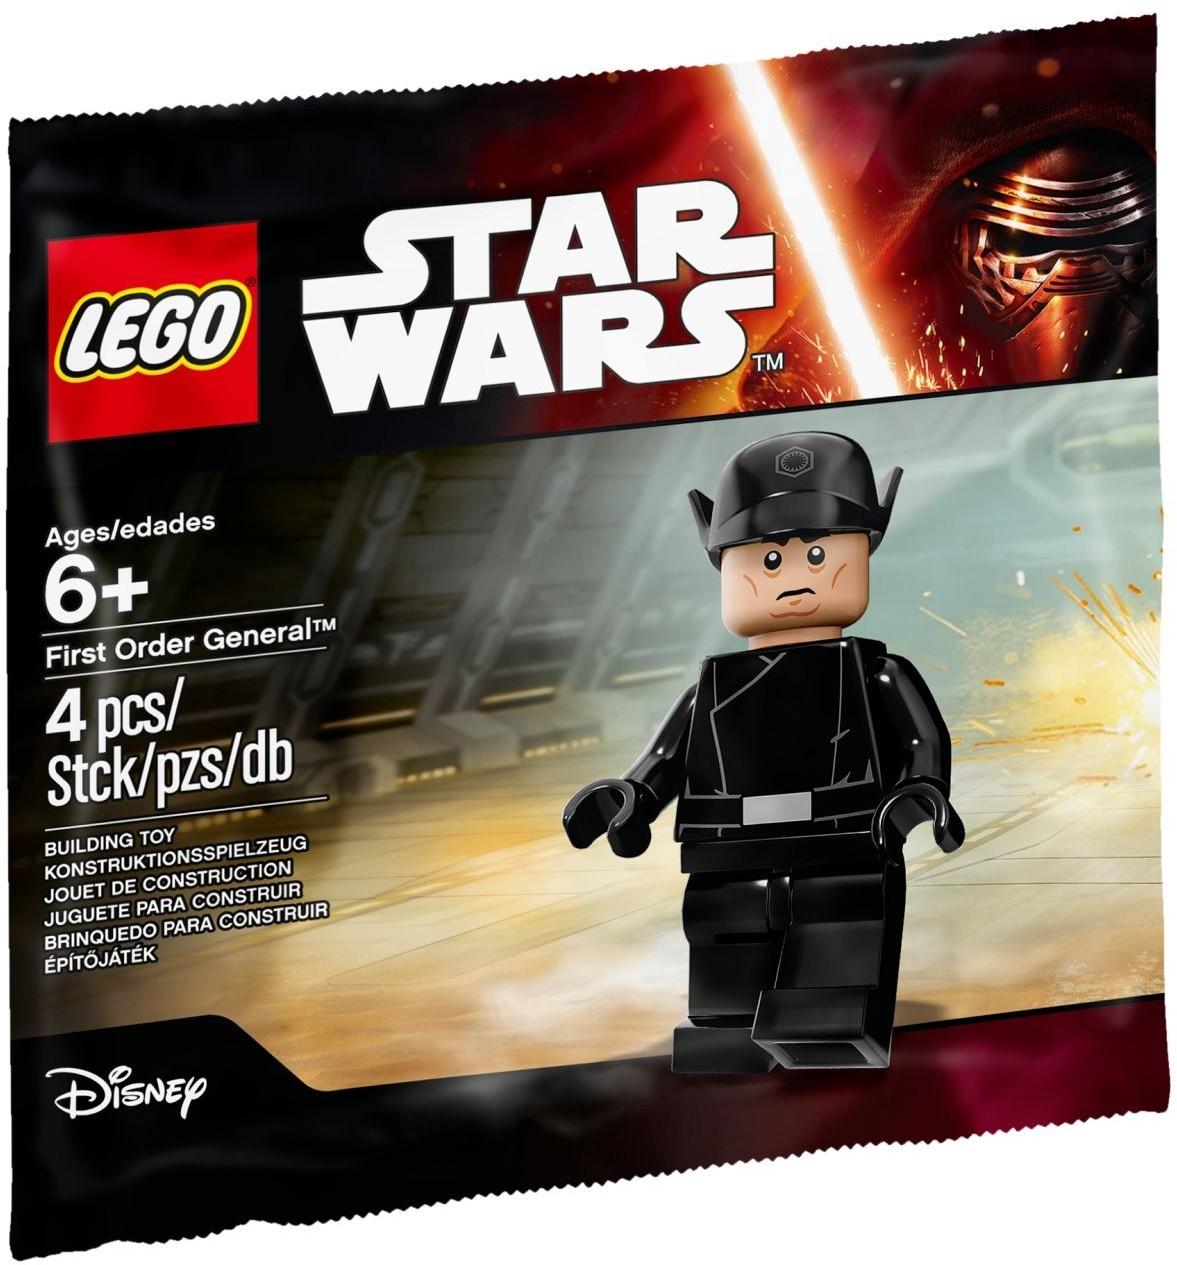 LEGO Star Wars The Force Awakens First Order General 5004406 | Мініфігурка Лего Зоряні Війни: Пробудження Сили. Генерал Першого Ордена